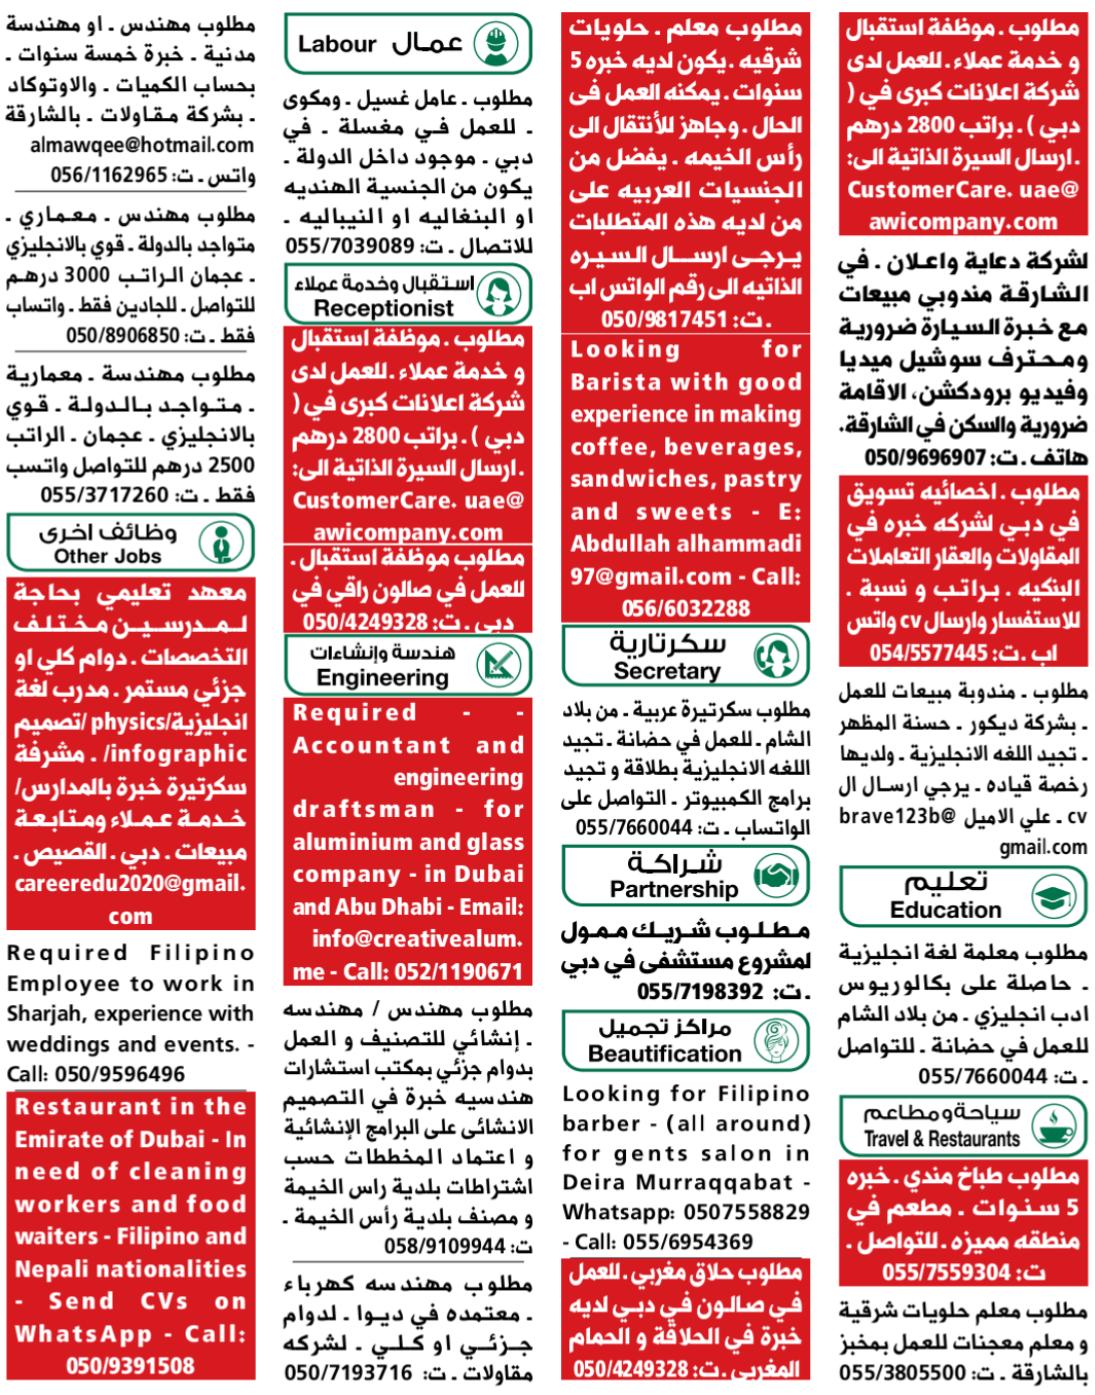 وظائف الوسيط الامارات pdf اليوم 7/11/2020 10